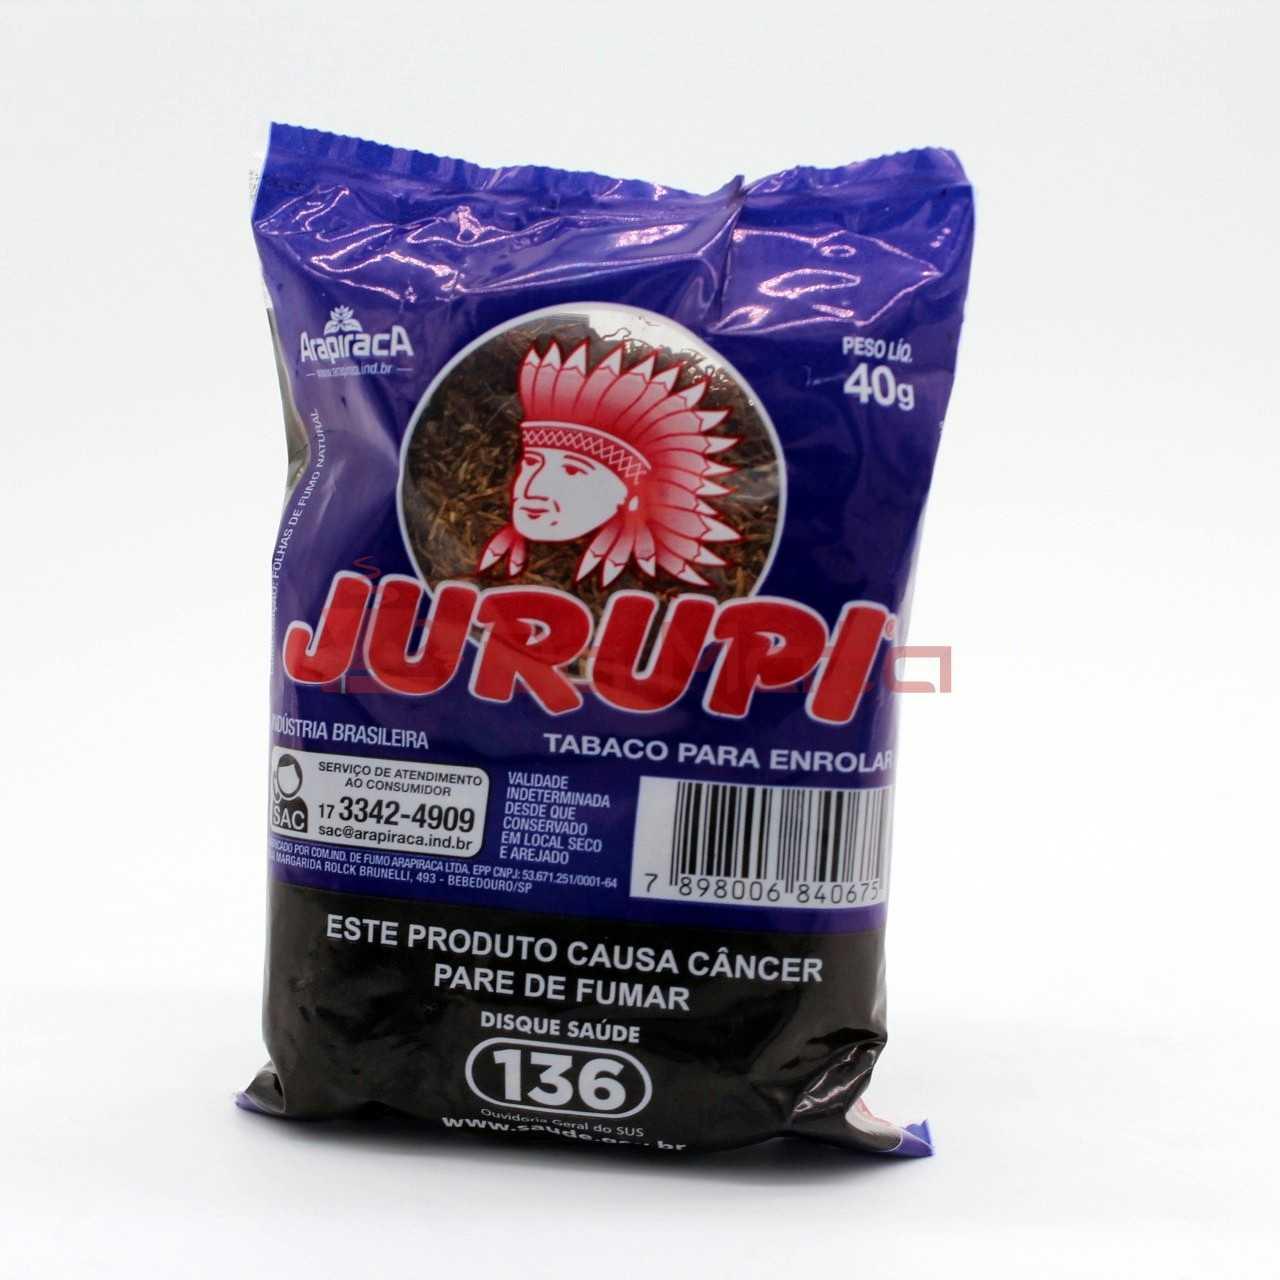 Tabaco Jurupi - 40g